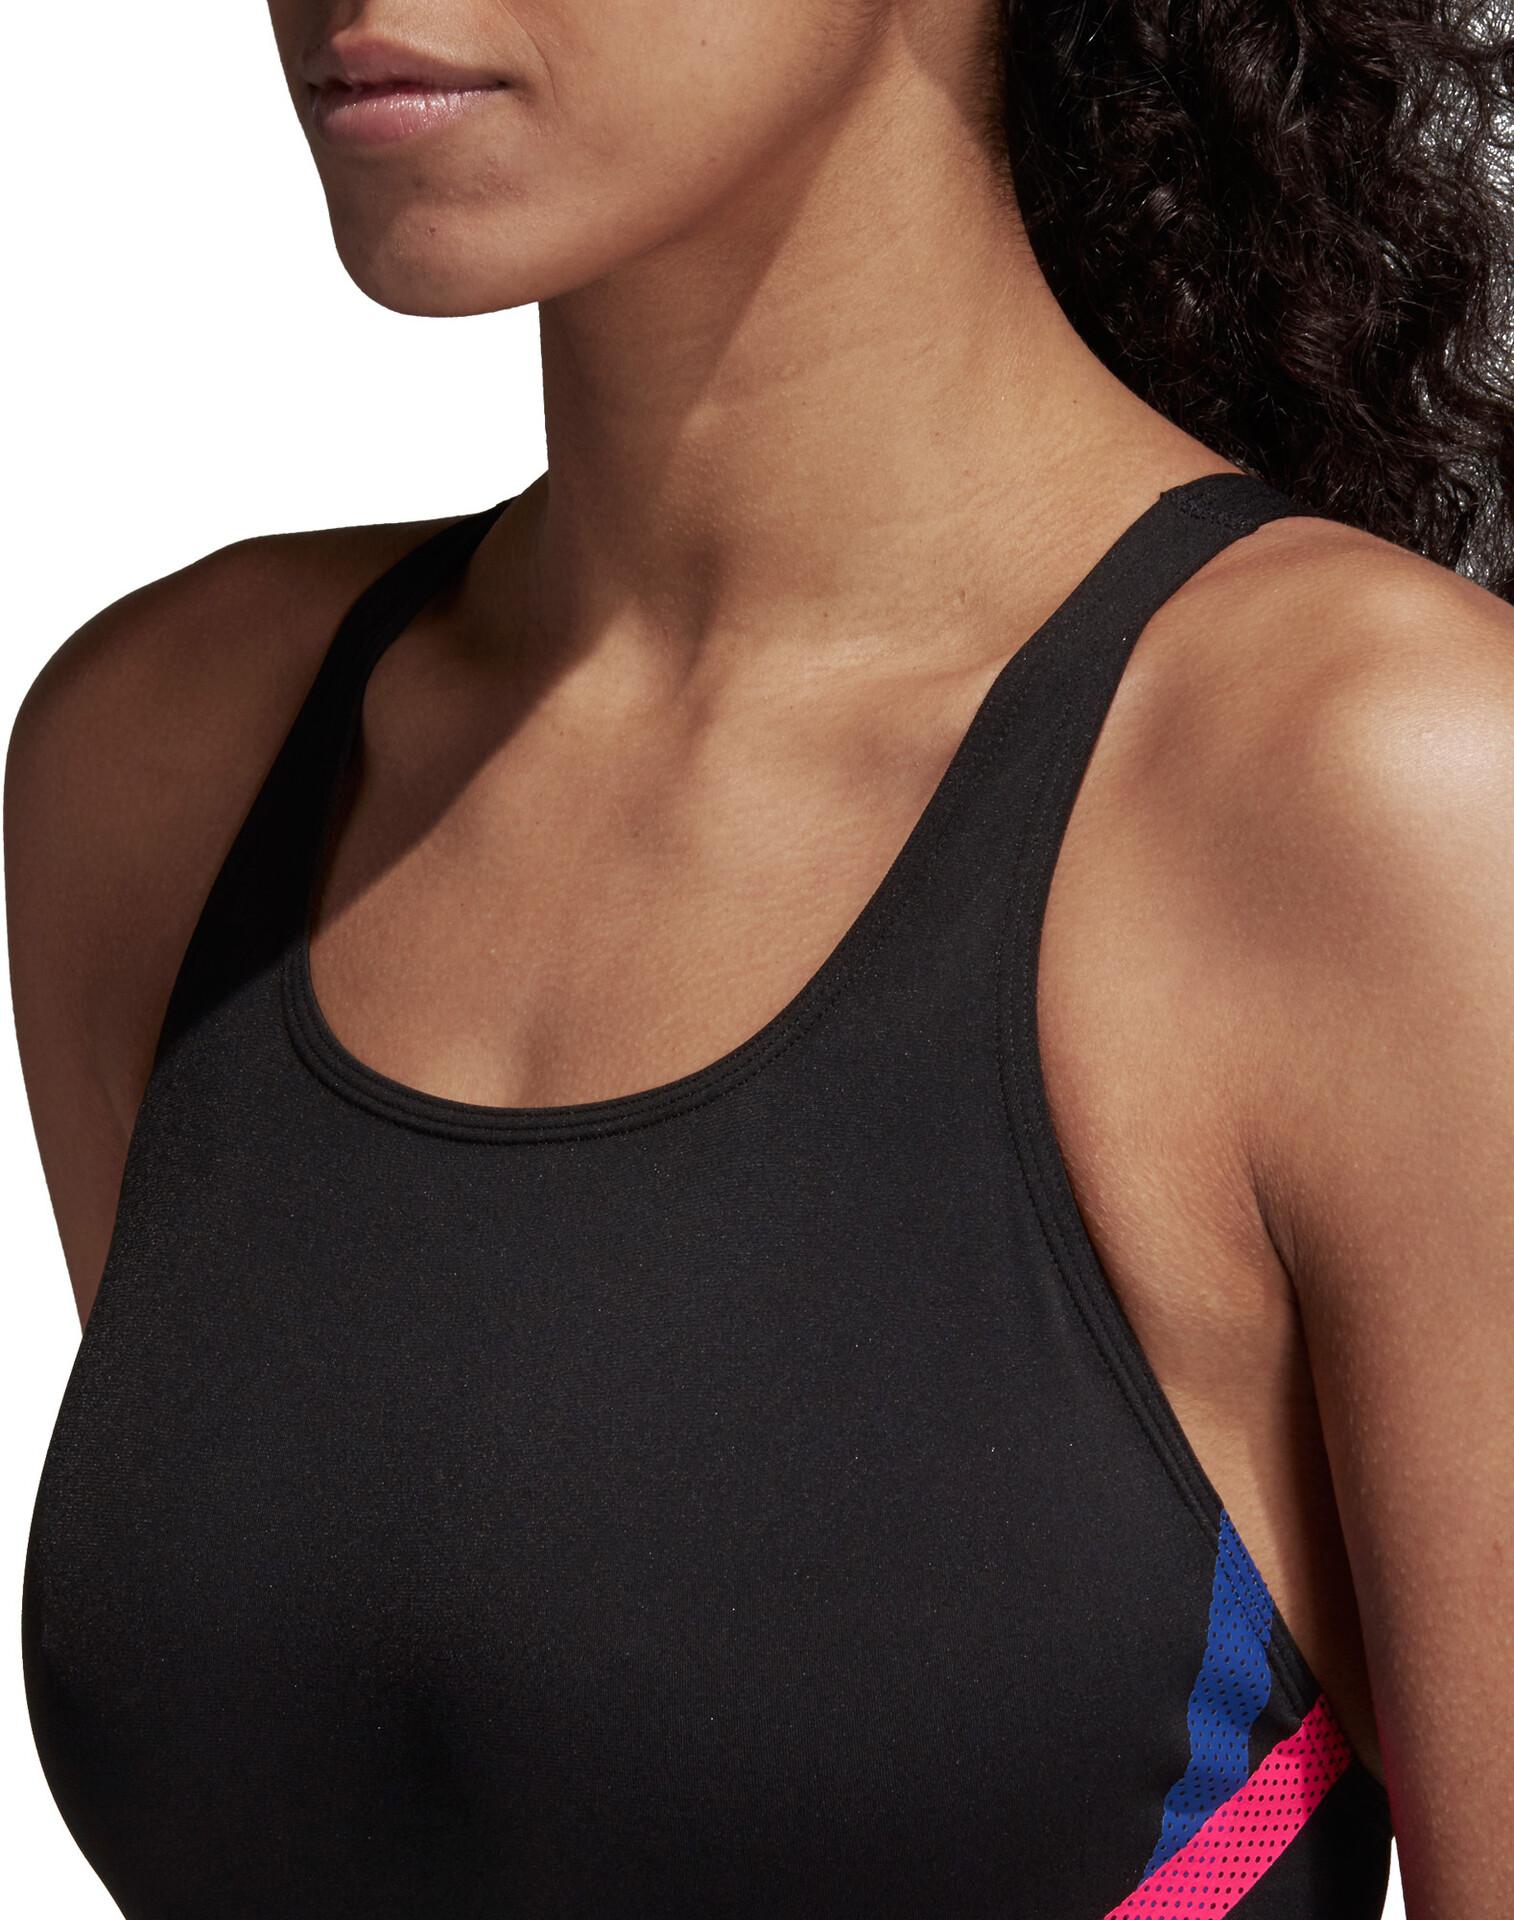 Bain Maillot De Adidas Noir Athletic Femme Tape Boutique 1qwRTzSO